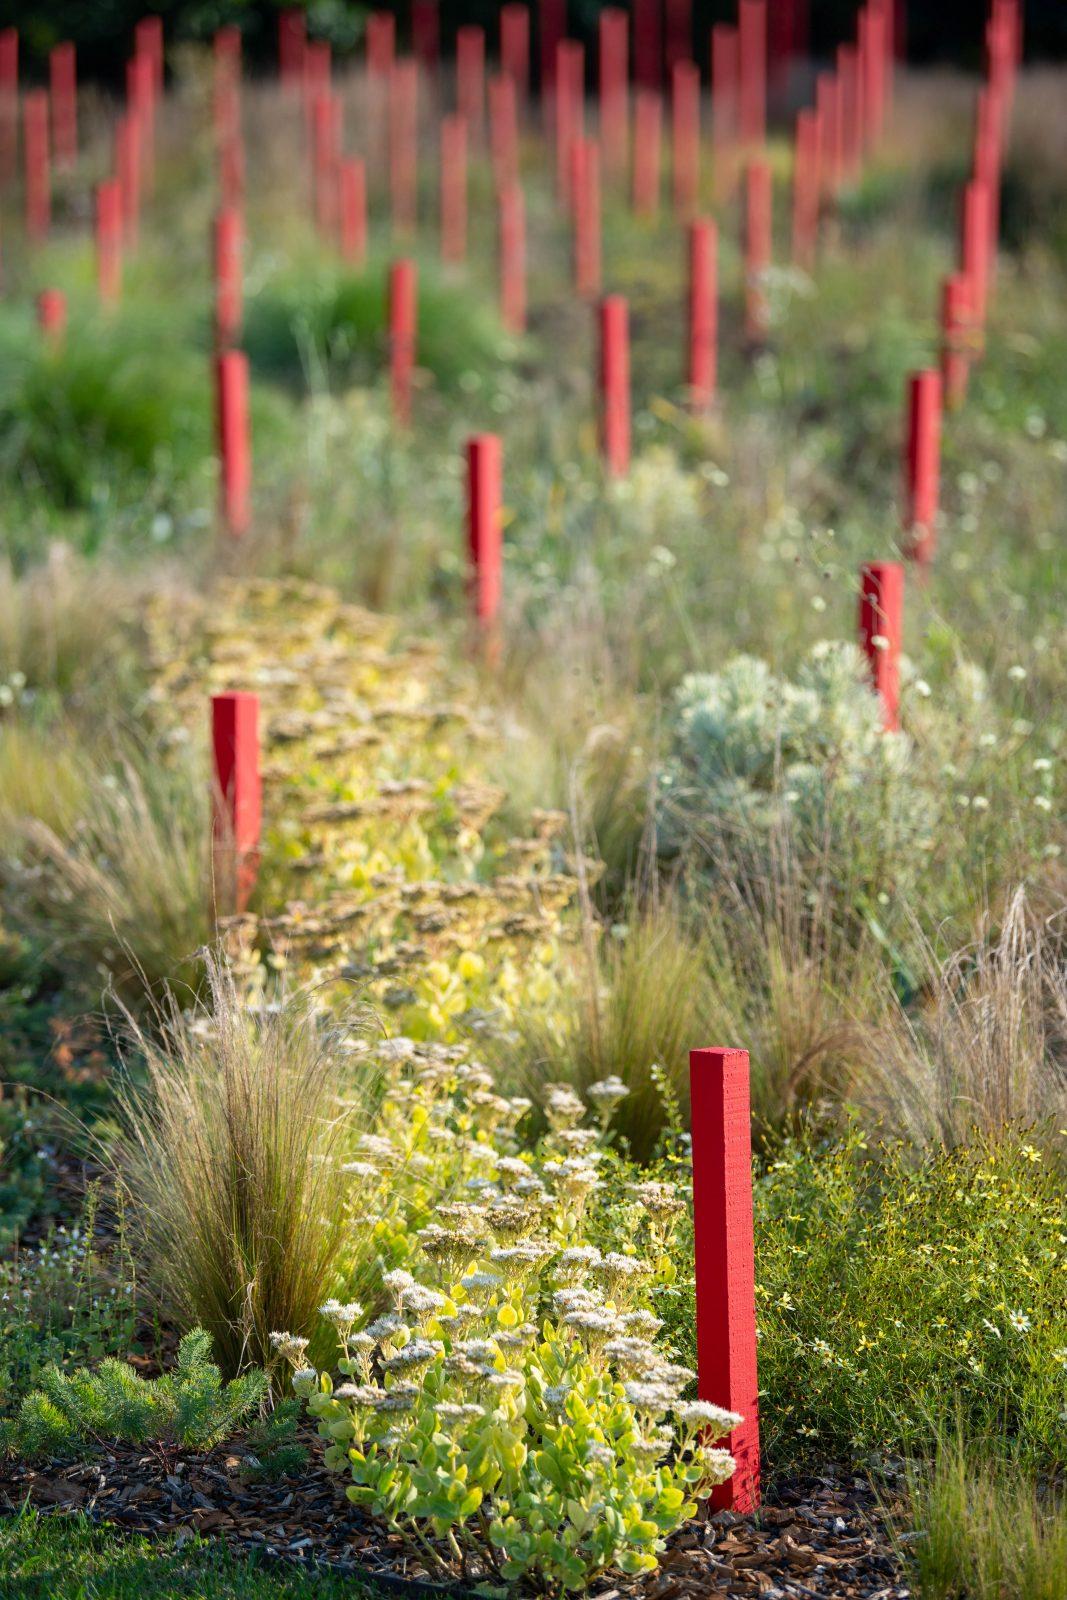 Jardin-Millesime-zoom—-Credit-photo-Regis-Hazenfus-2